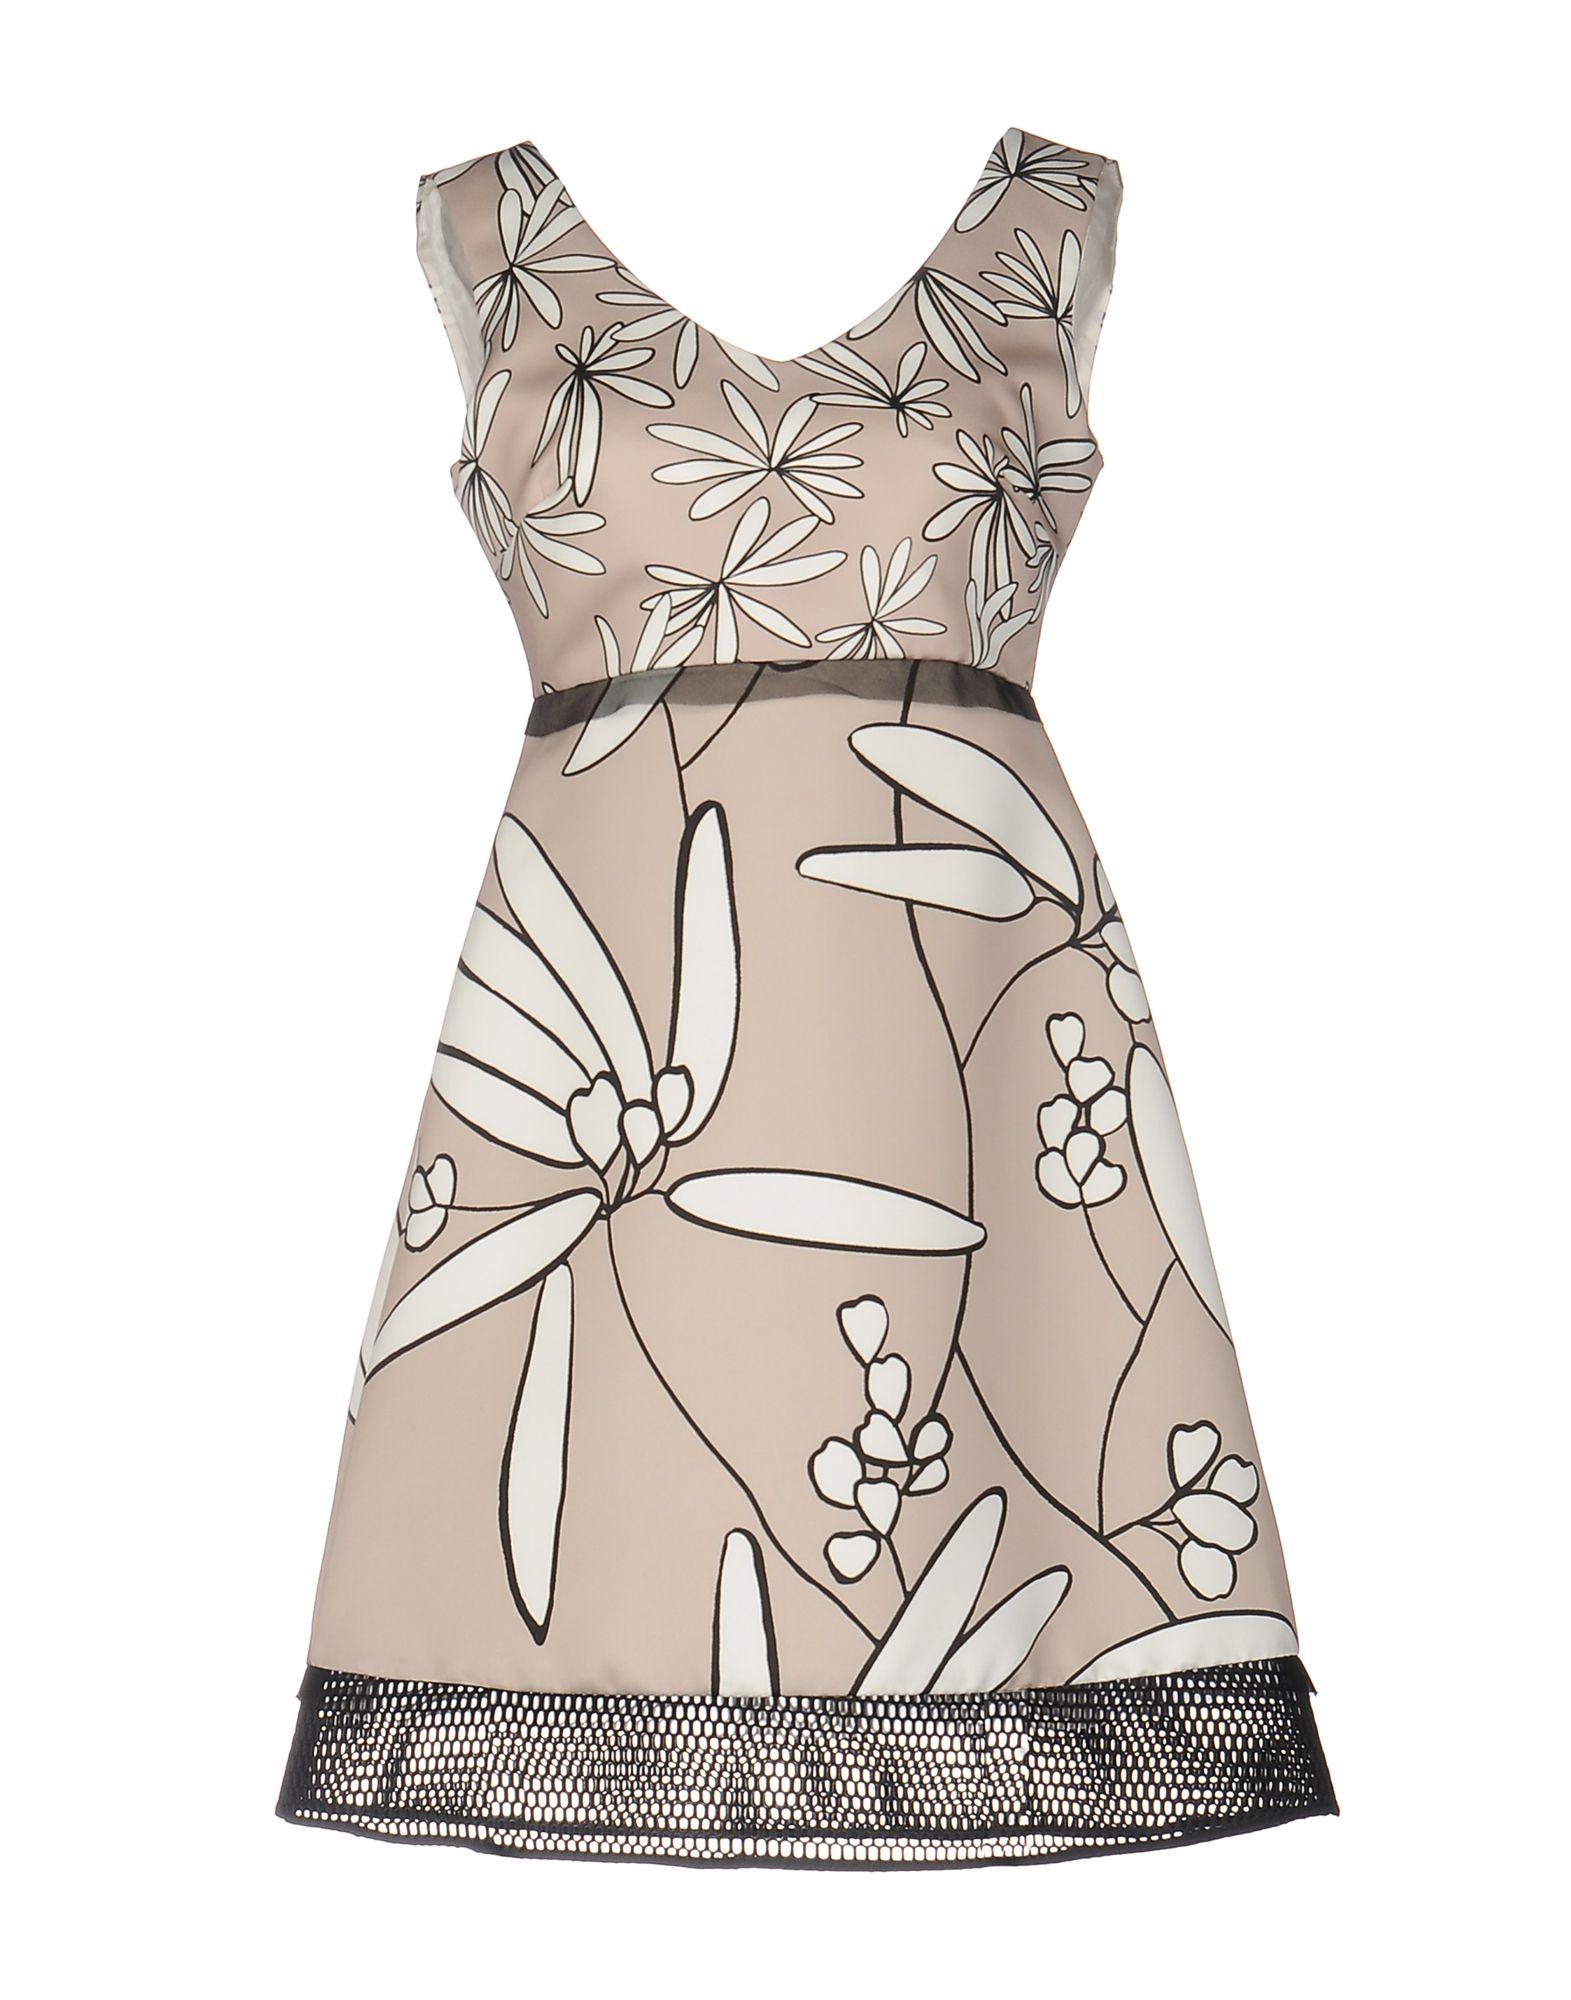 1-ONE Damen Kurzes Kleid Farbe Beige Größe 6 - broschei